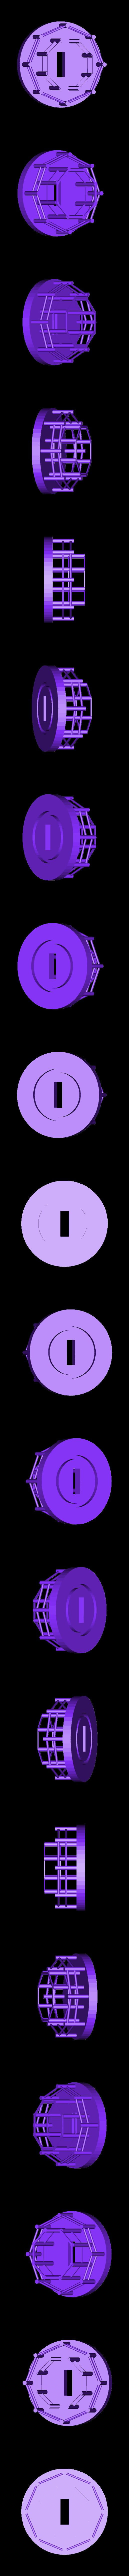 LH_hexa_optics_fixed_blau.stl Télécharger fichier STL gratuit Phare • Modèle pour impression 3D, jteix